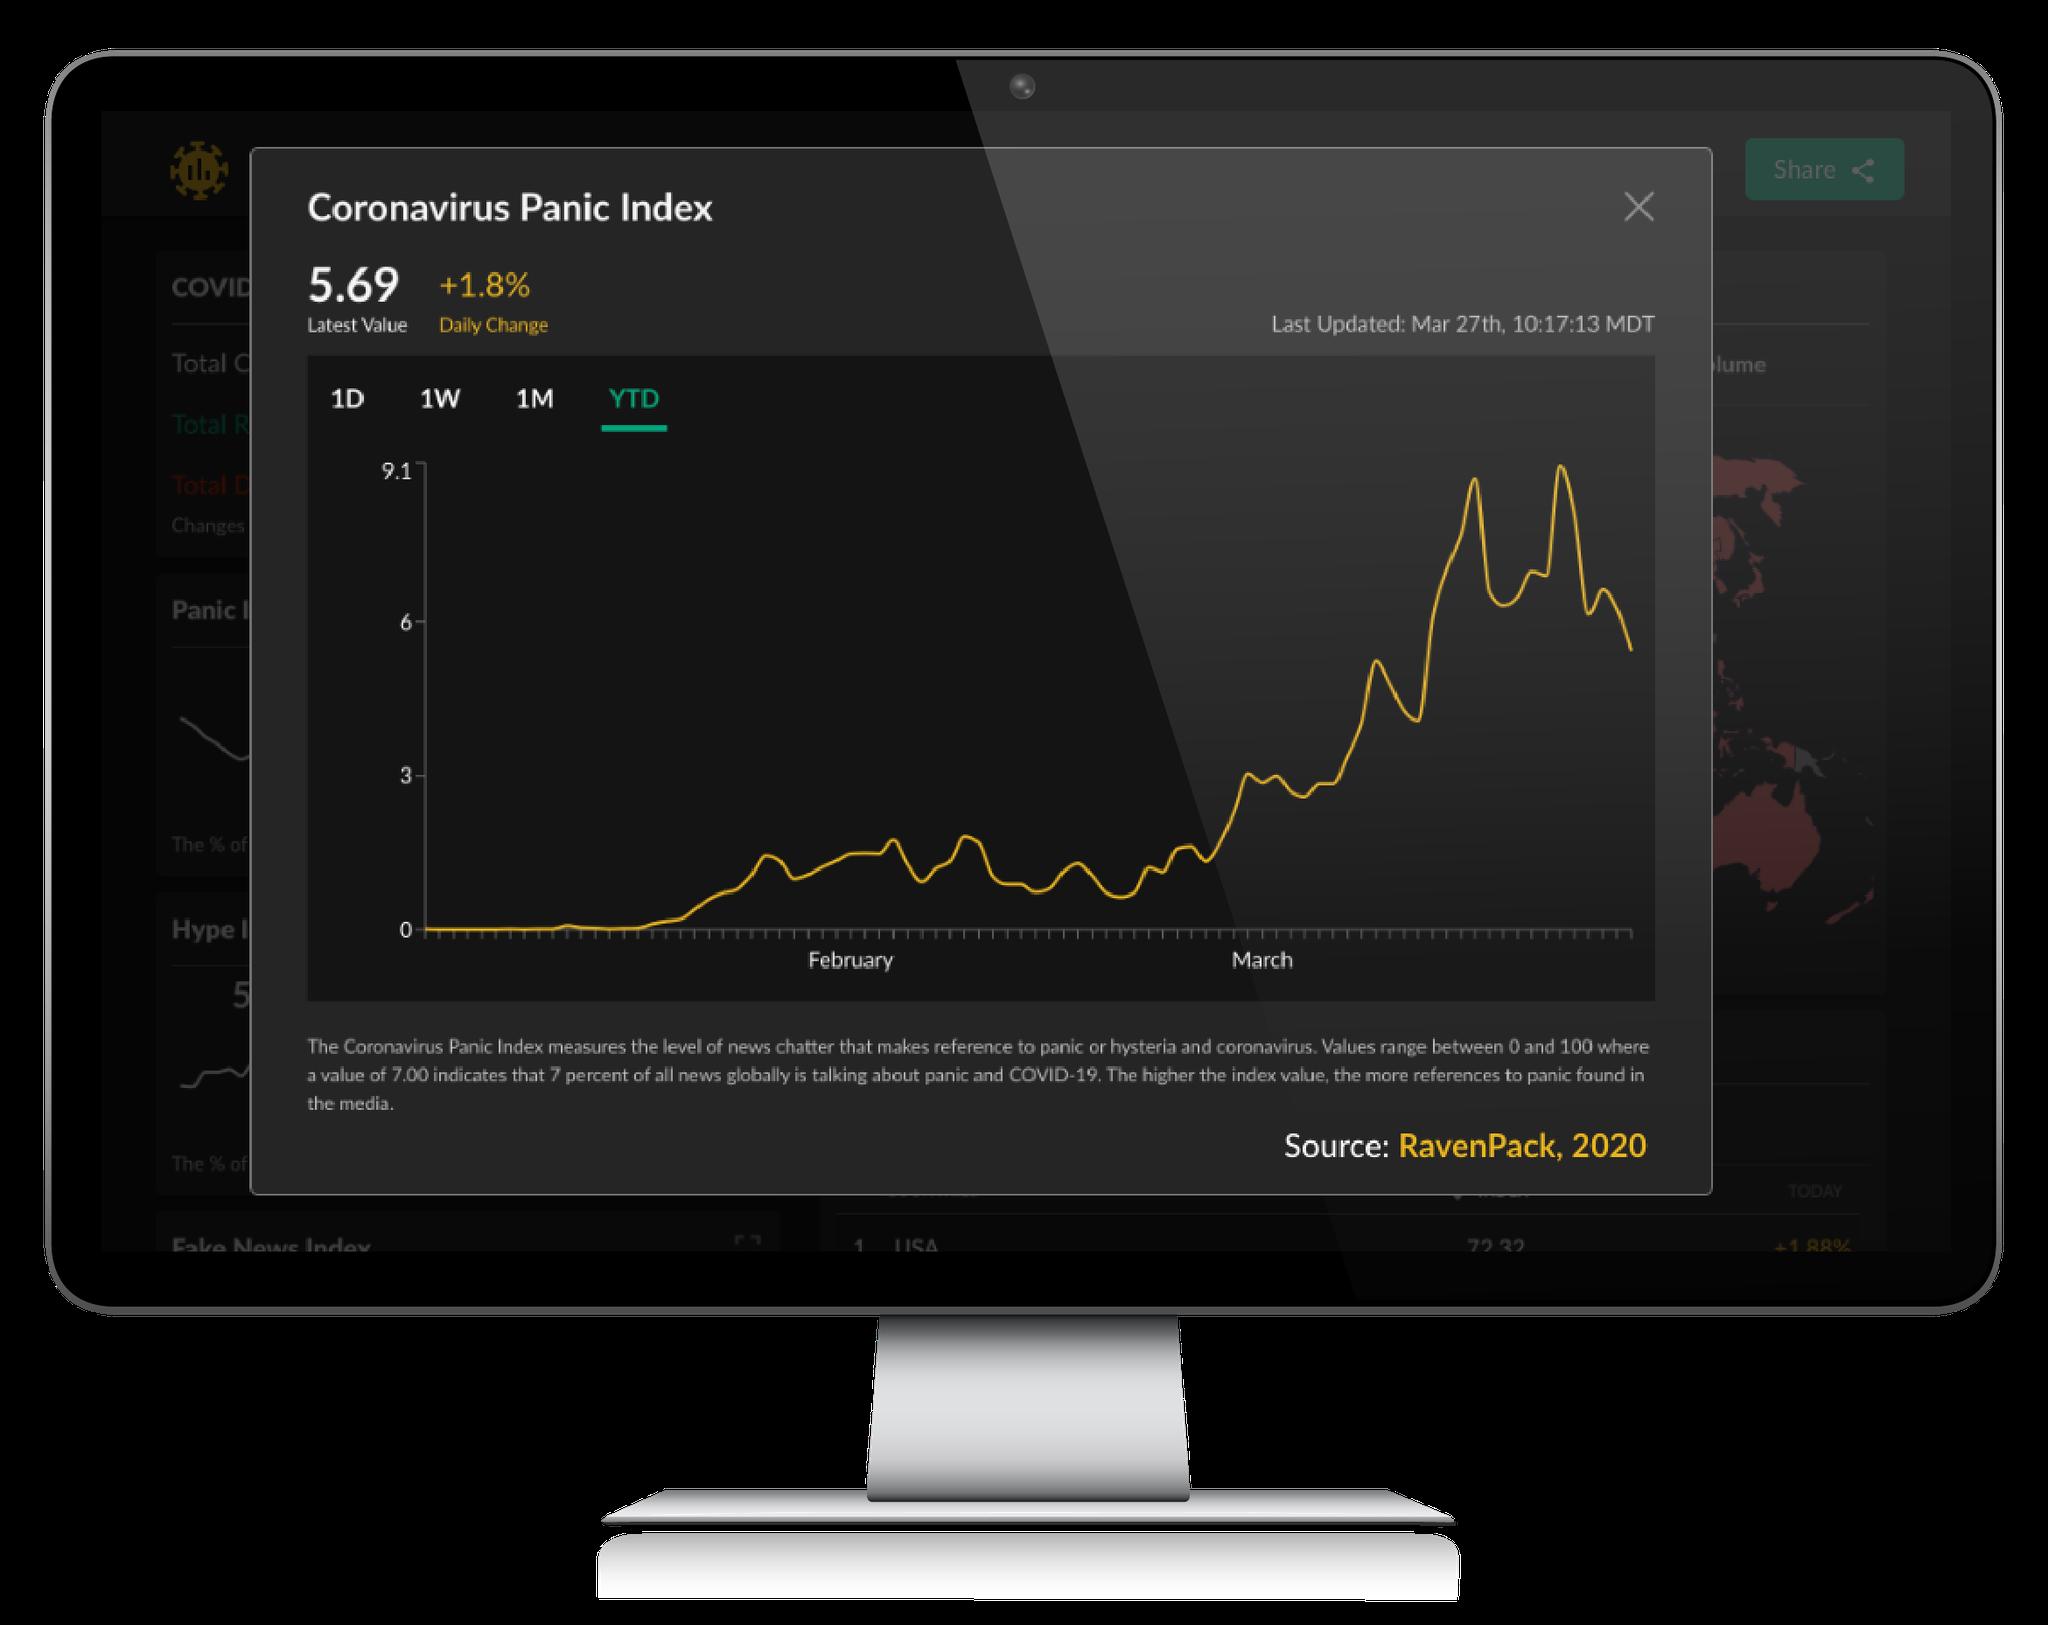 Coronavirus Panic Index